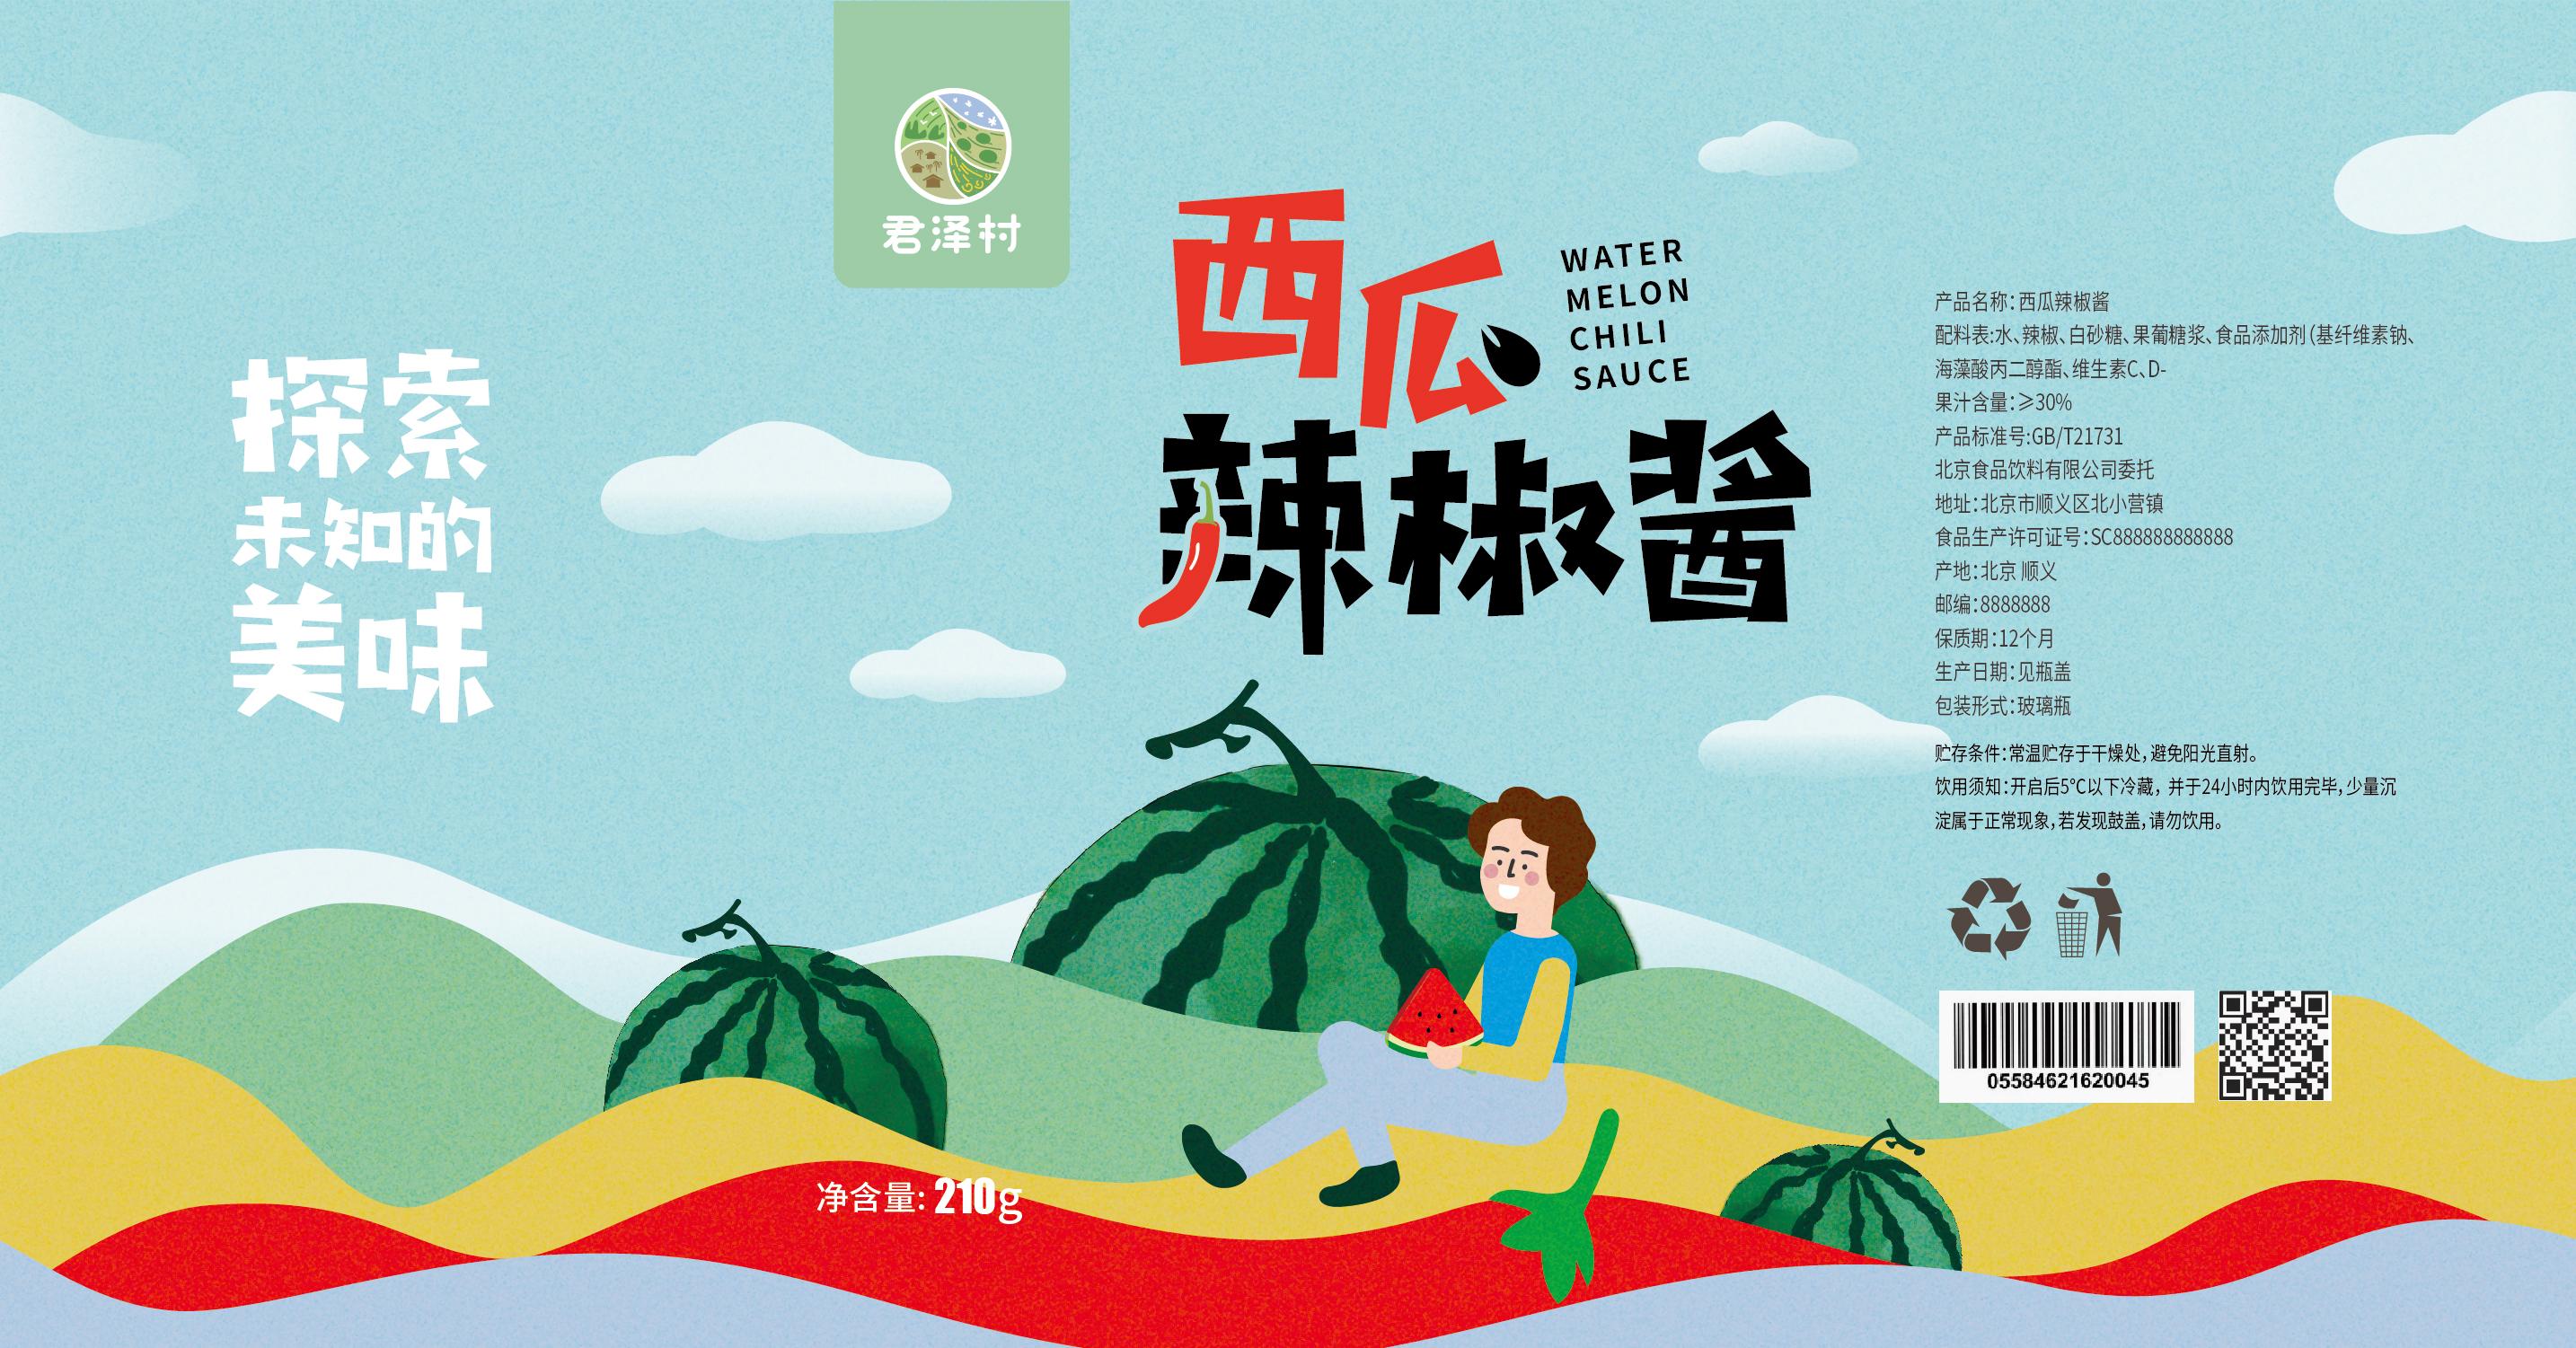 君澤村辣椒醬包裝設計